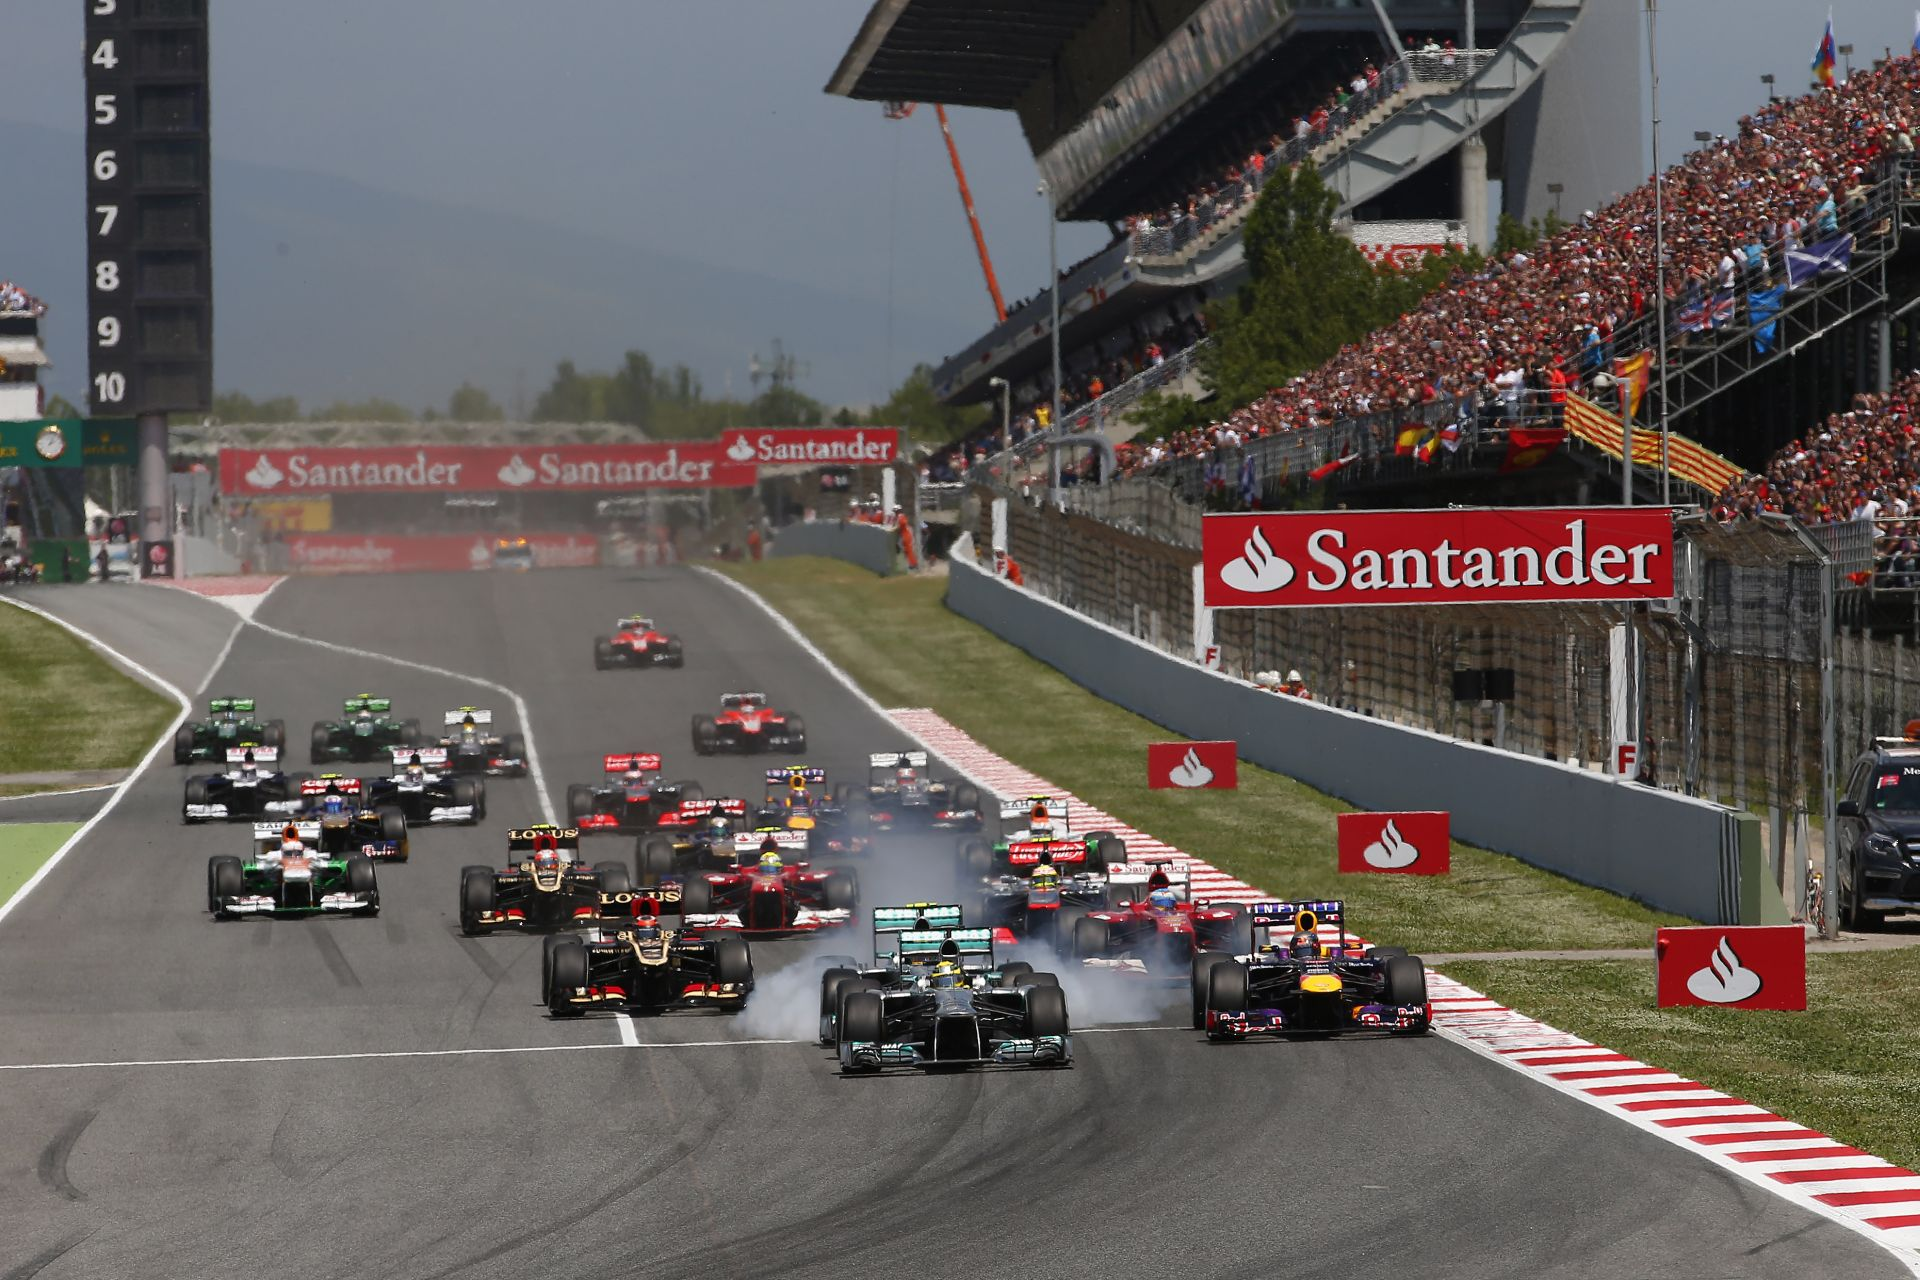 Barcelona a Forma-1-ben marad, Madrid utcai versenypályája ide, vagy oda